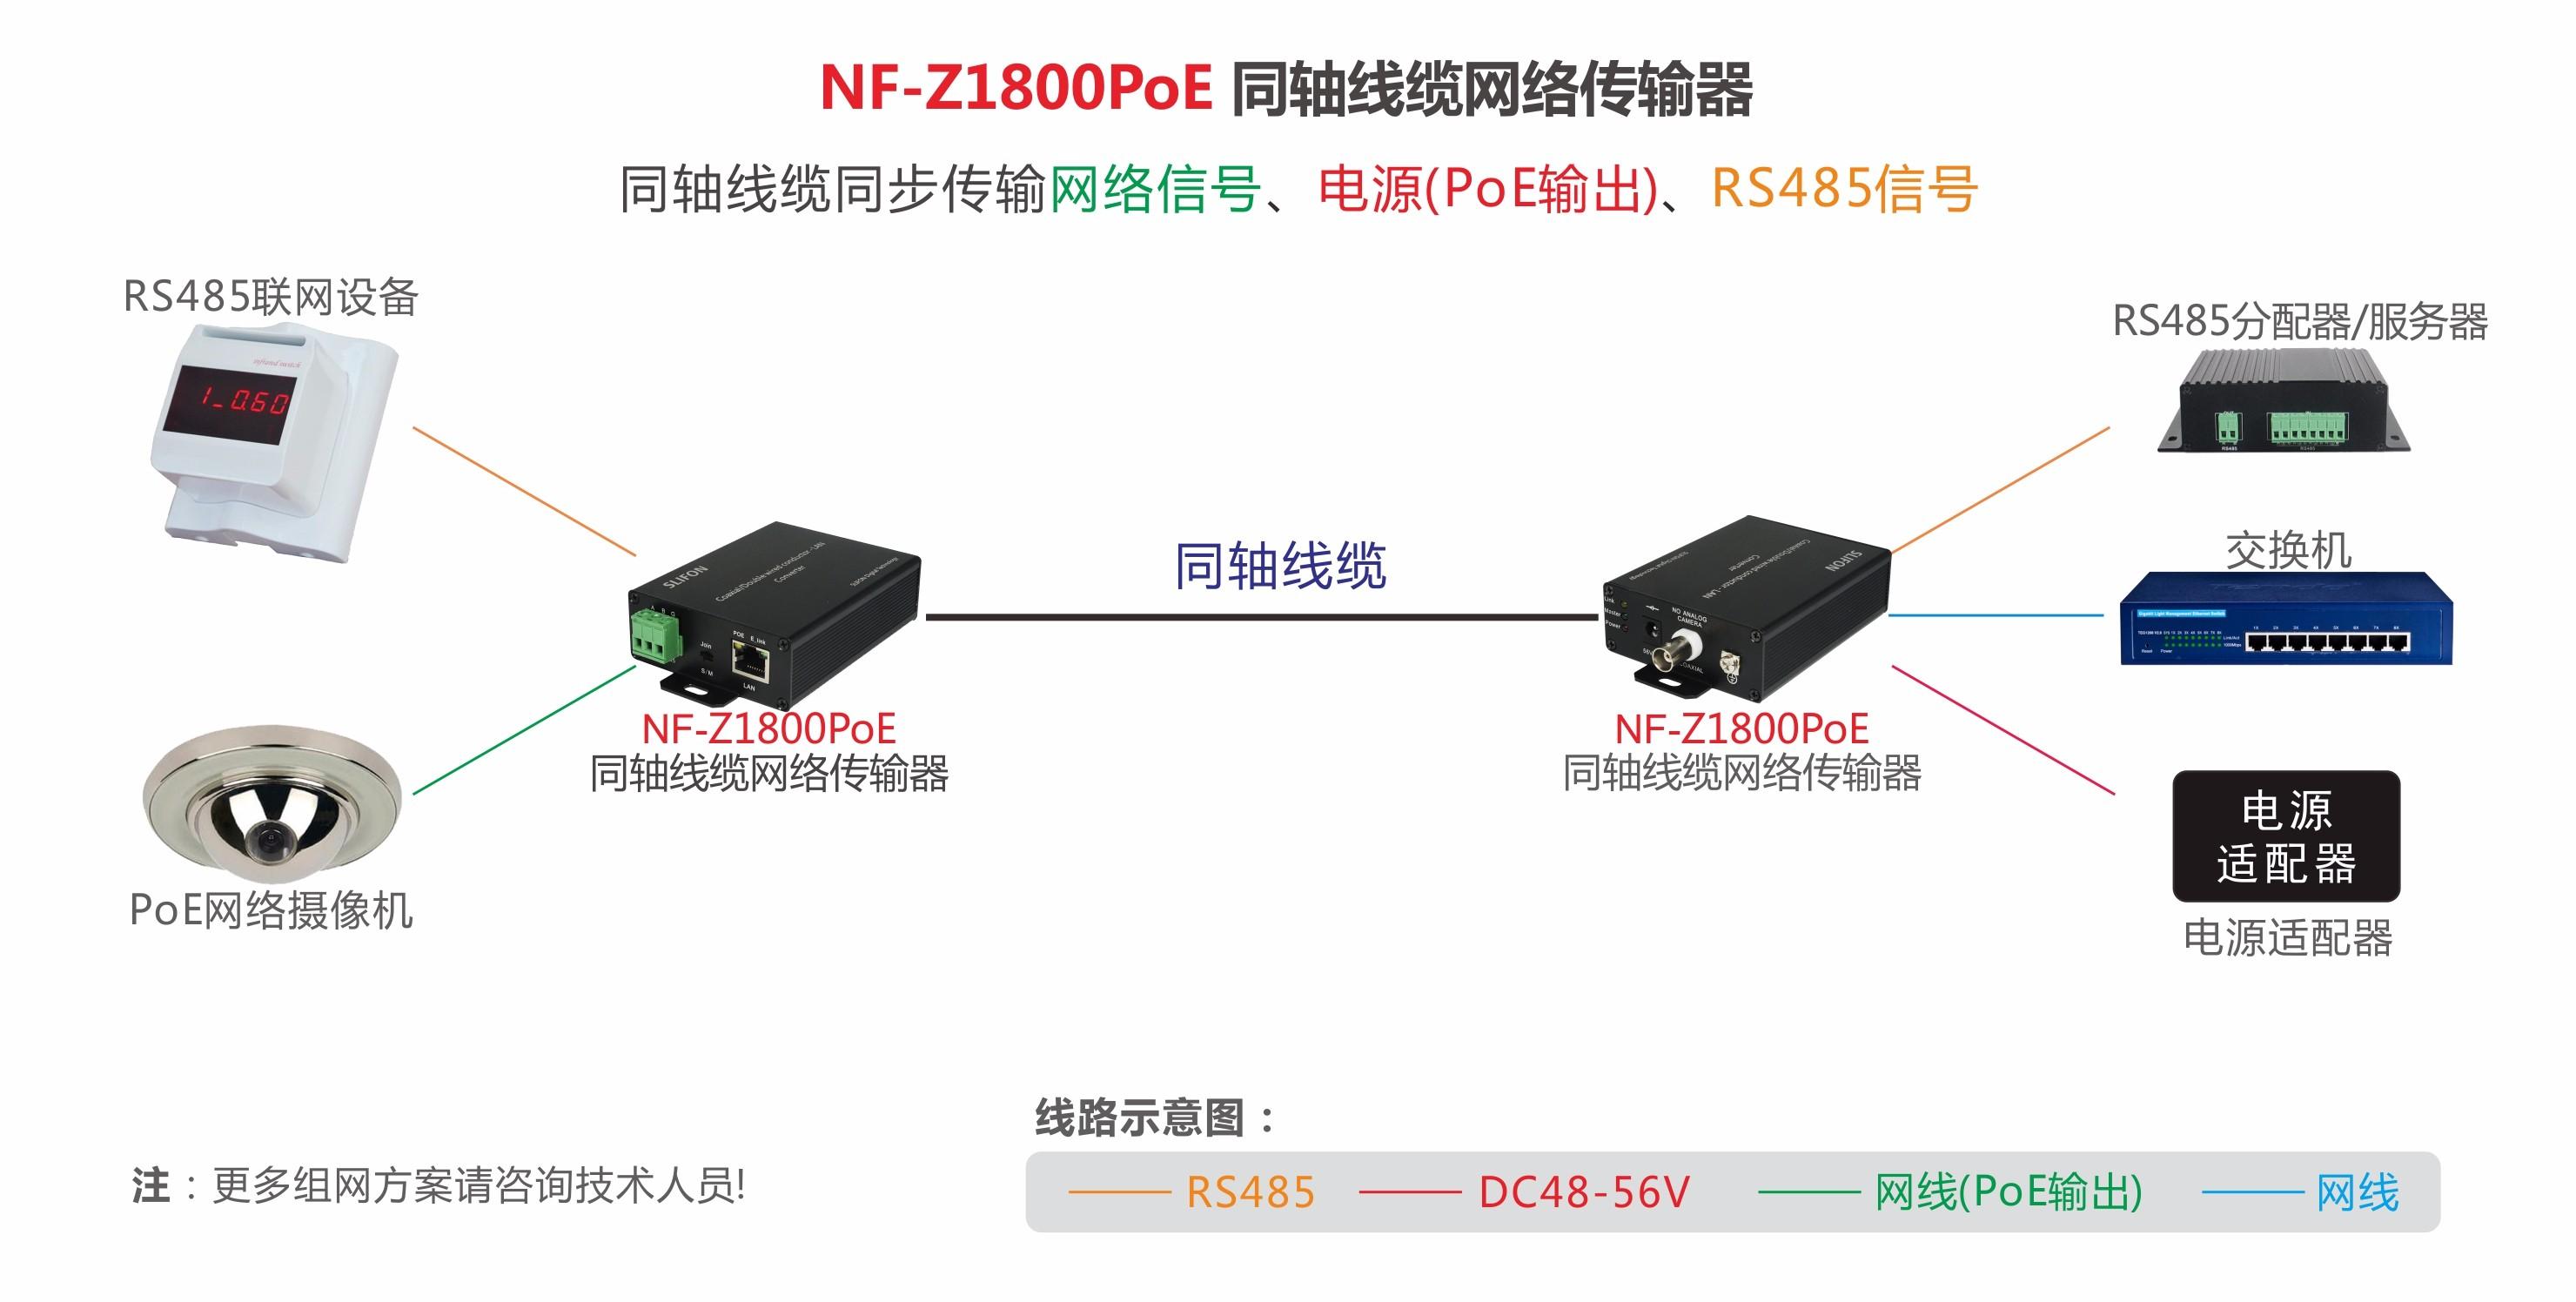 NF-Z1800PoE延长器组网示意图